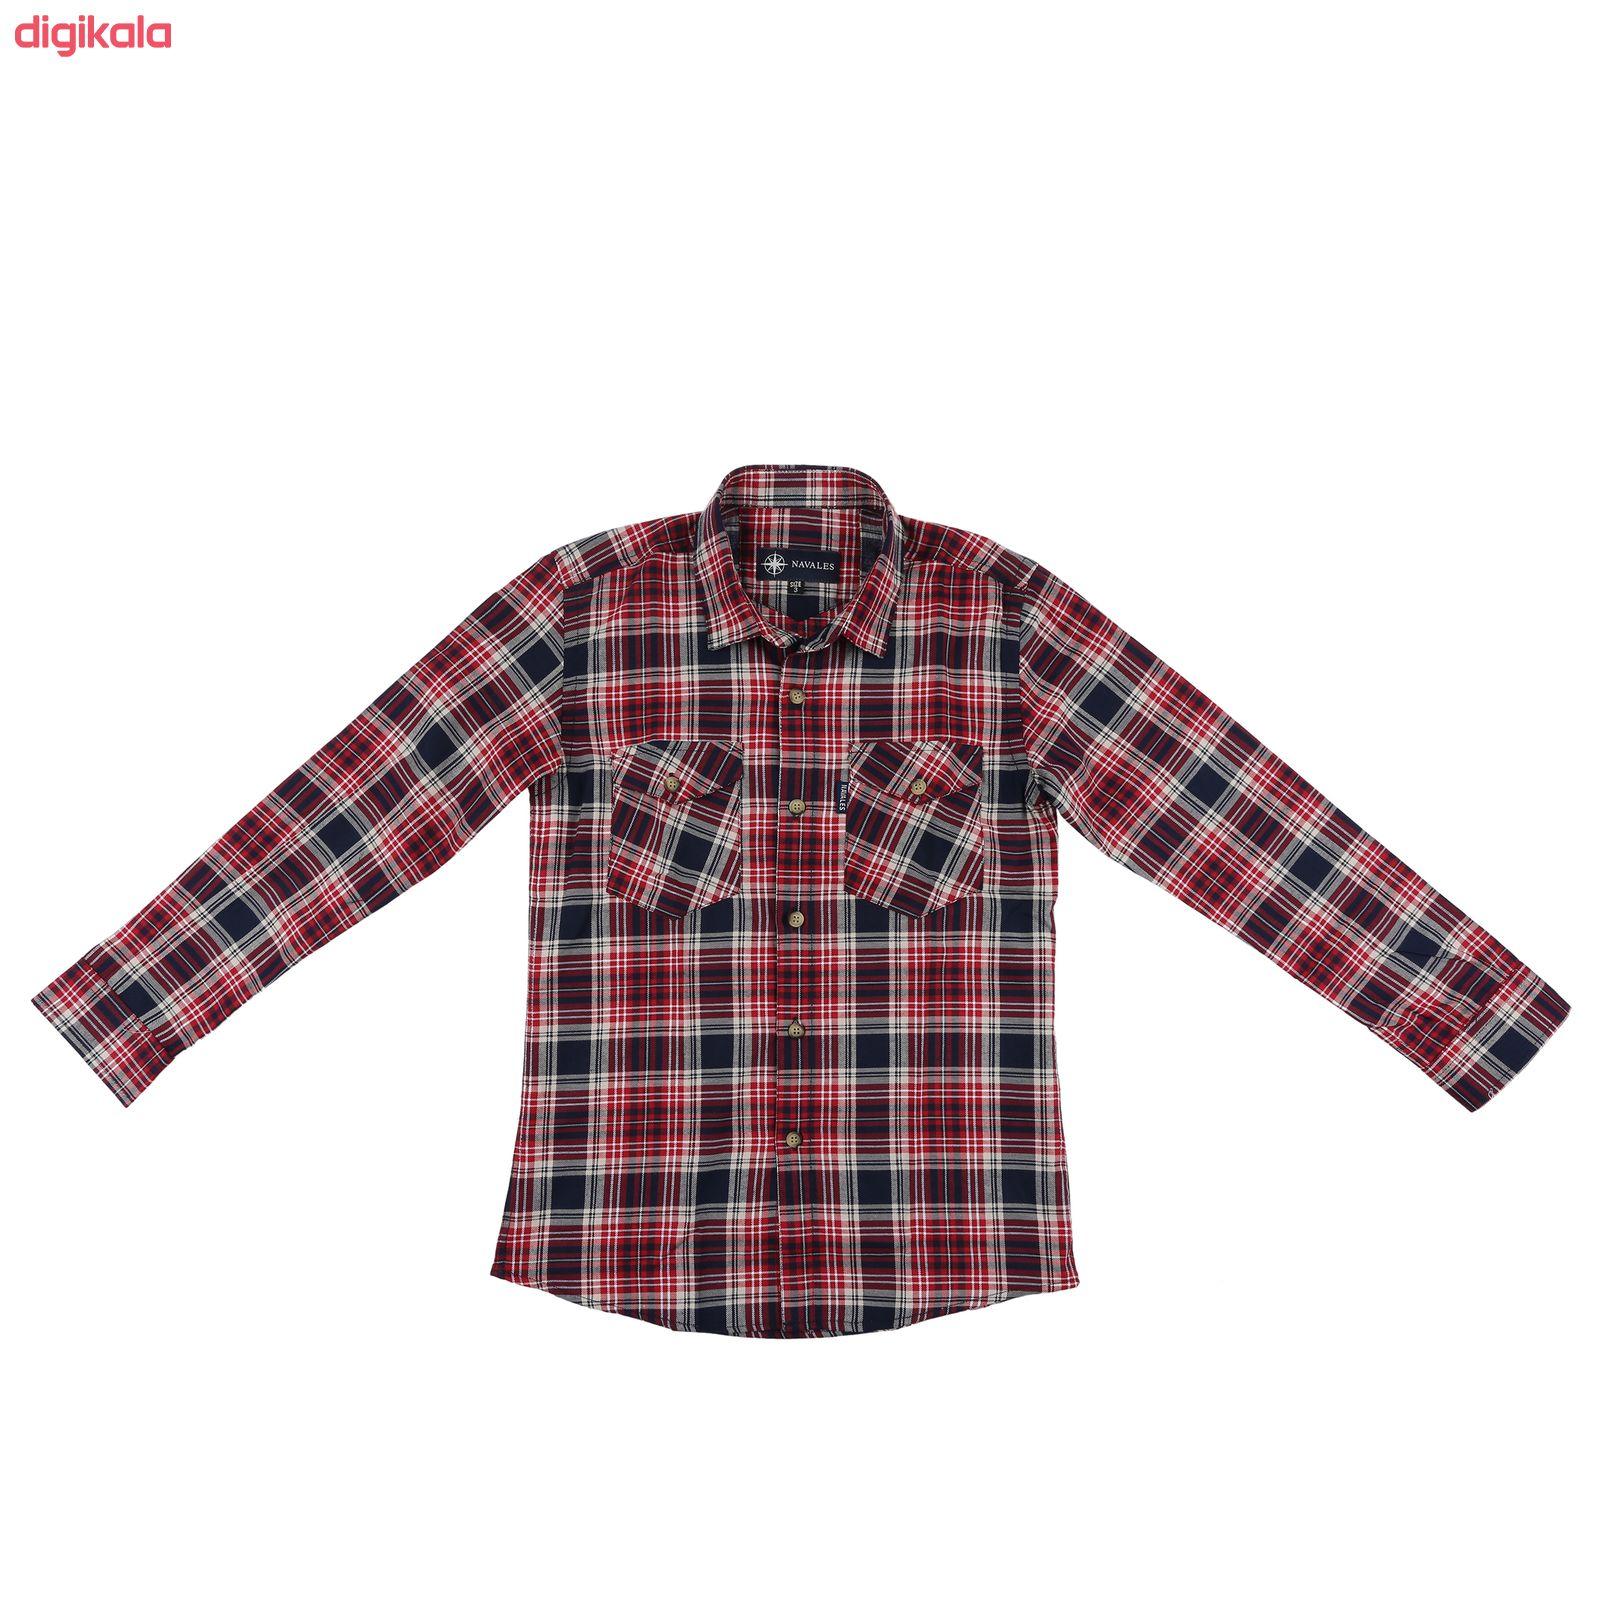 پیراهن پسرانه ناوالس کد R-20119-RD main 1 1